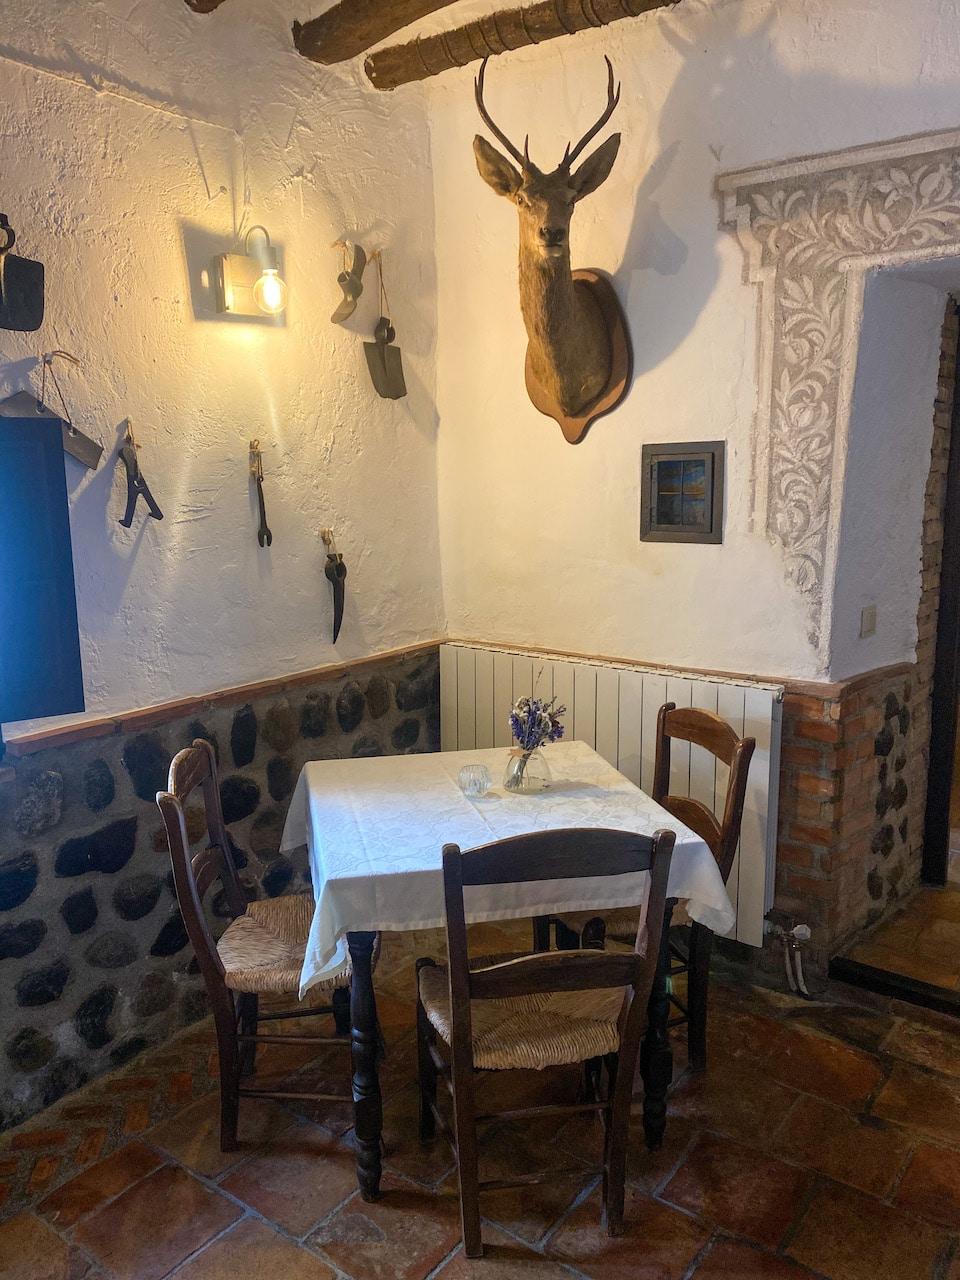 restaurantAlqueria de Los Lento - restaurants in Valle de Lecrin